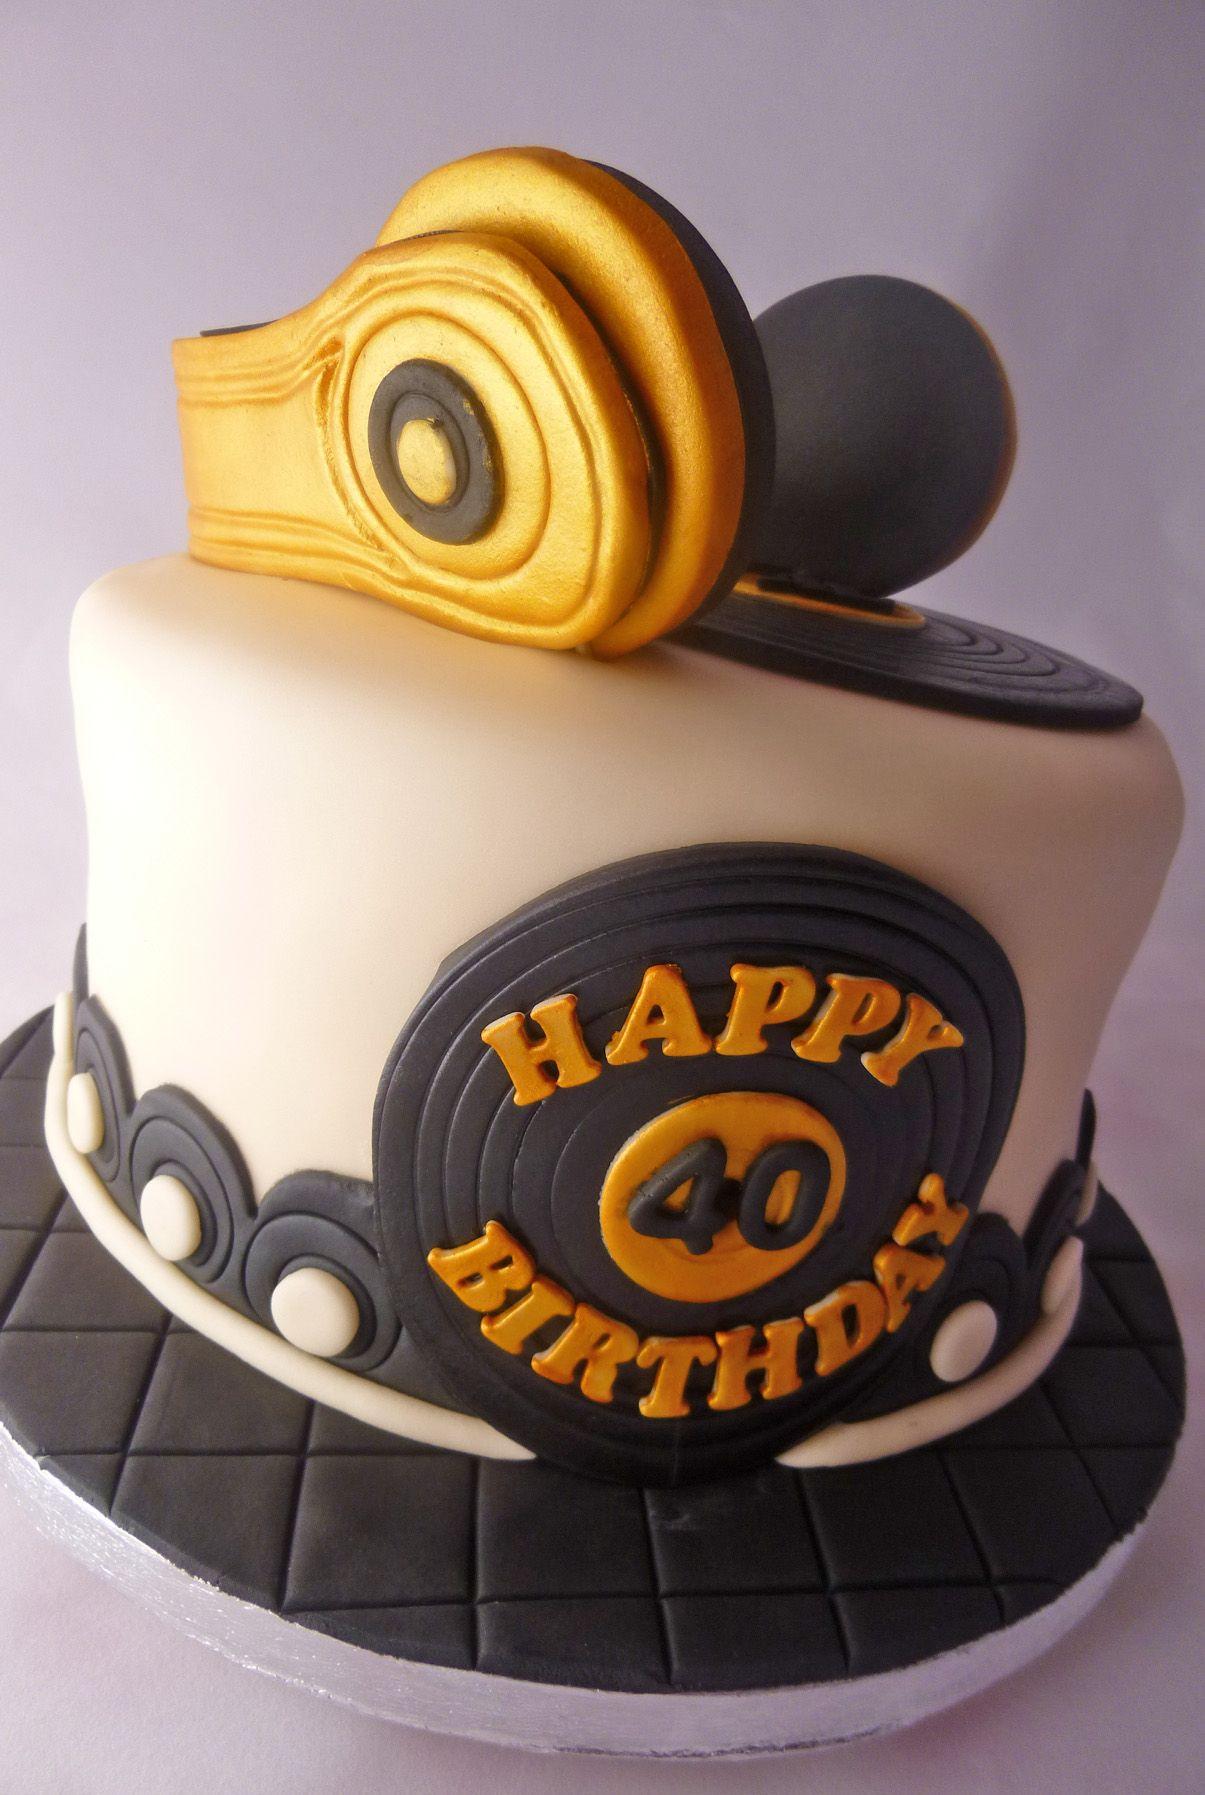 Dj Cake Cakes Pinterest Cake Dj Cake And Birthday Cake